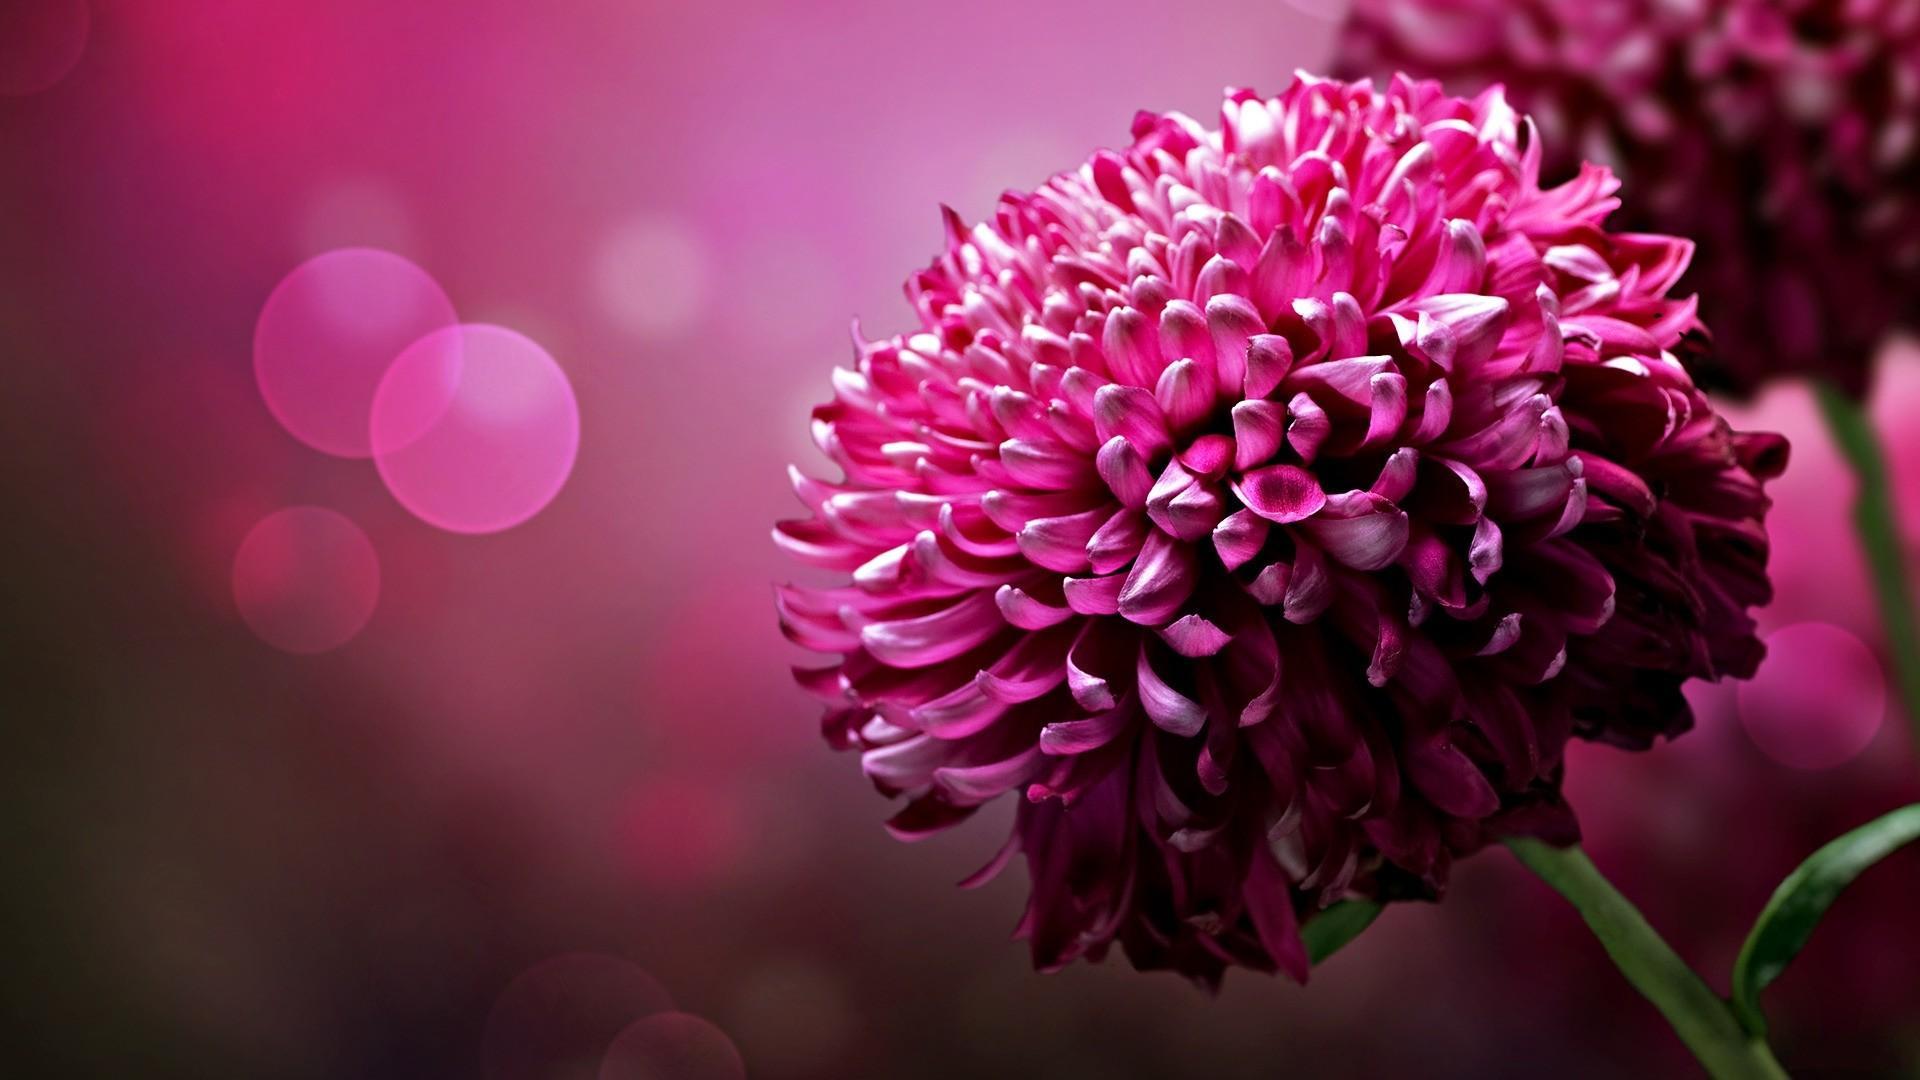 Скачать обои яркие пурпурные цветы с